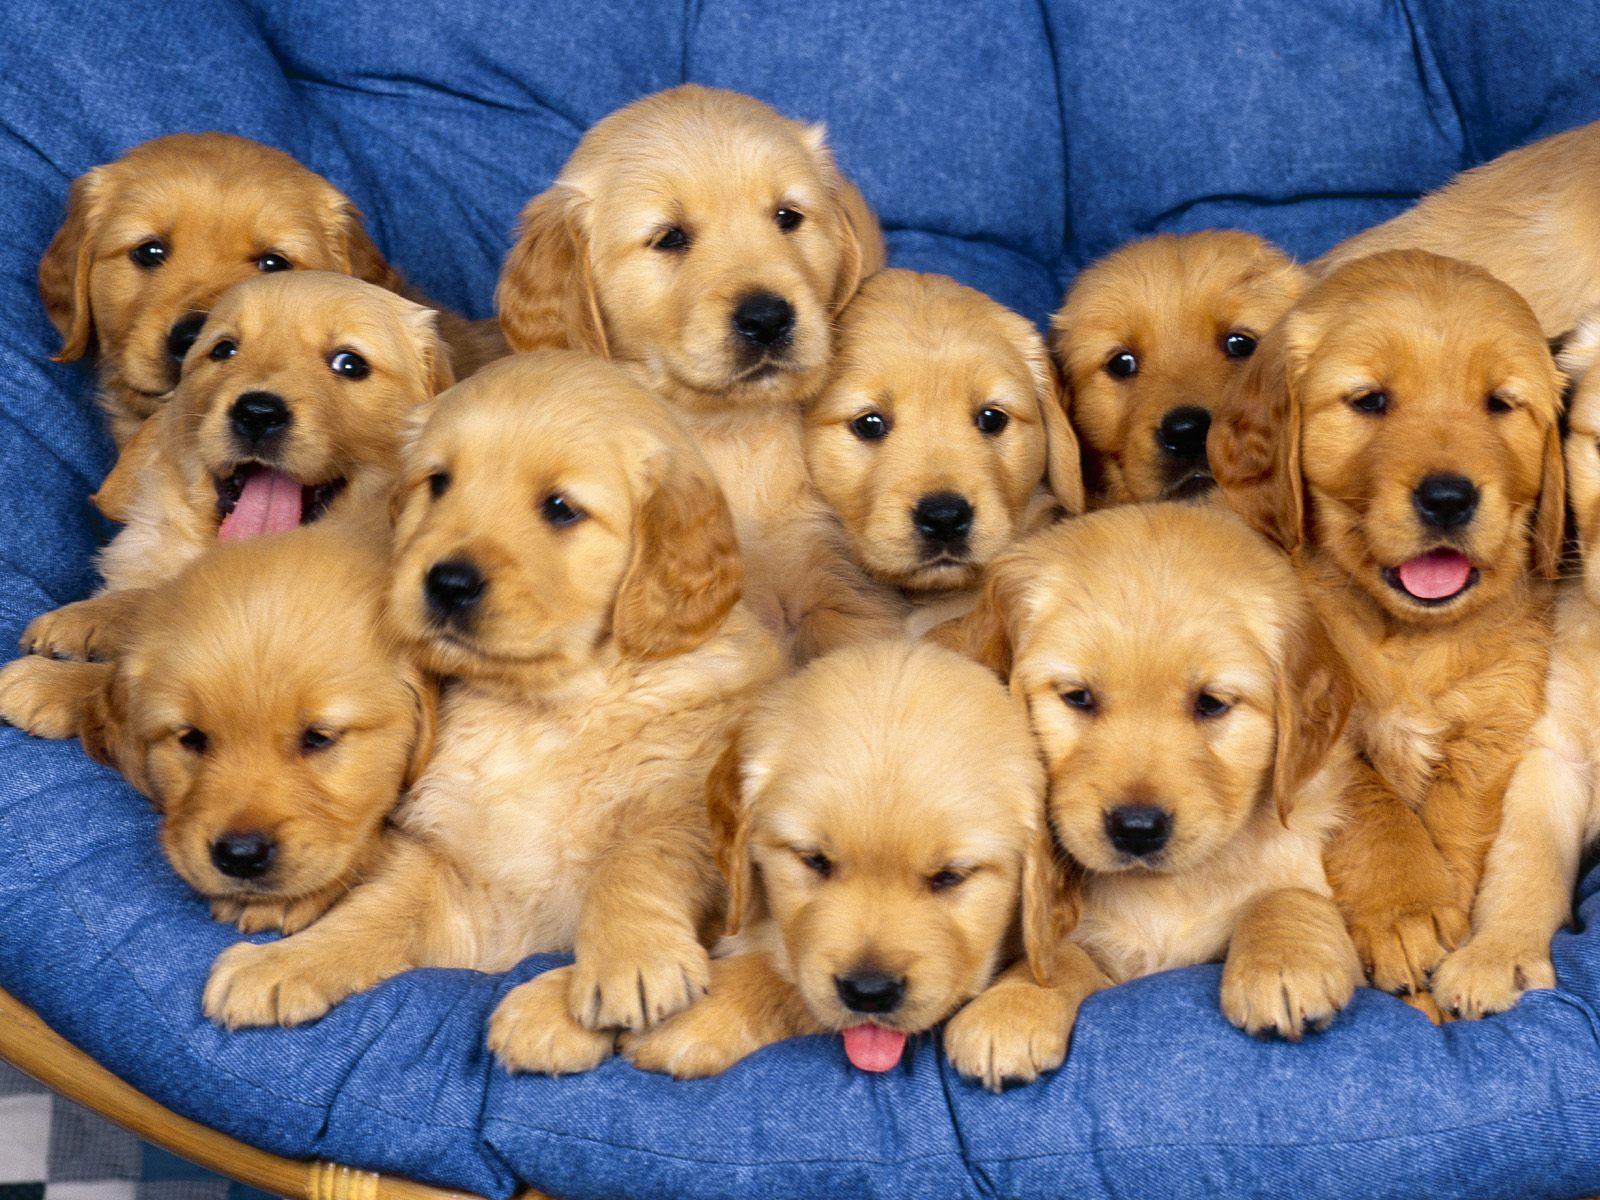 http://4.bp.blogspot.com/-7SU7gyBH9-Q/UCdckzCnNXI/AAAAAAAAAOk/LoNFiqMo_wo/s1600/dogs_hd_wallpapers.jpg